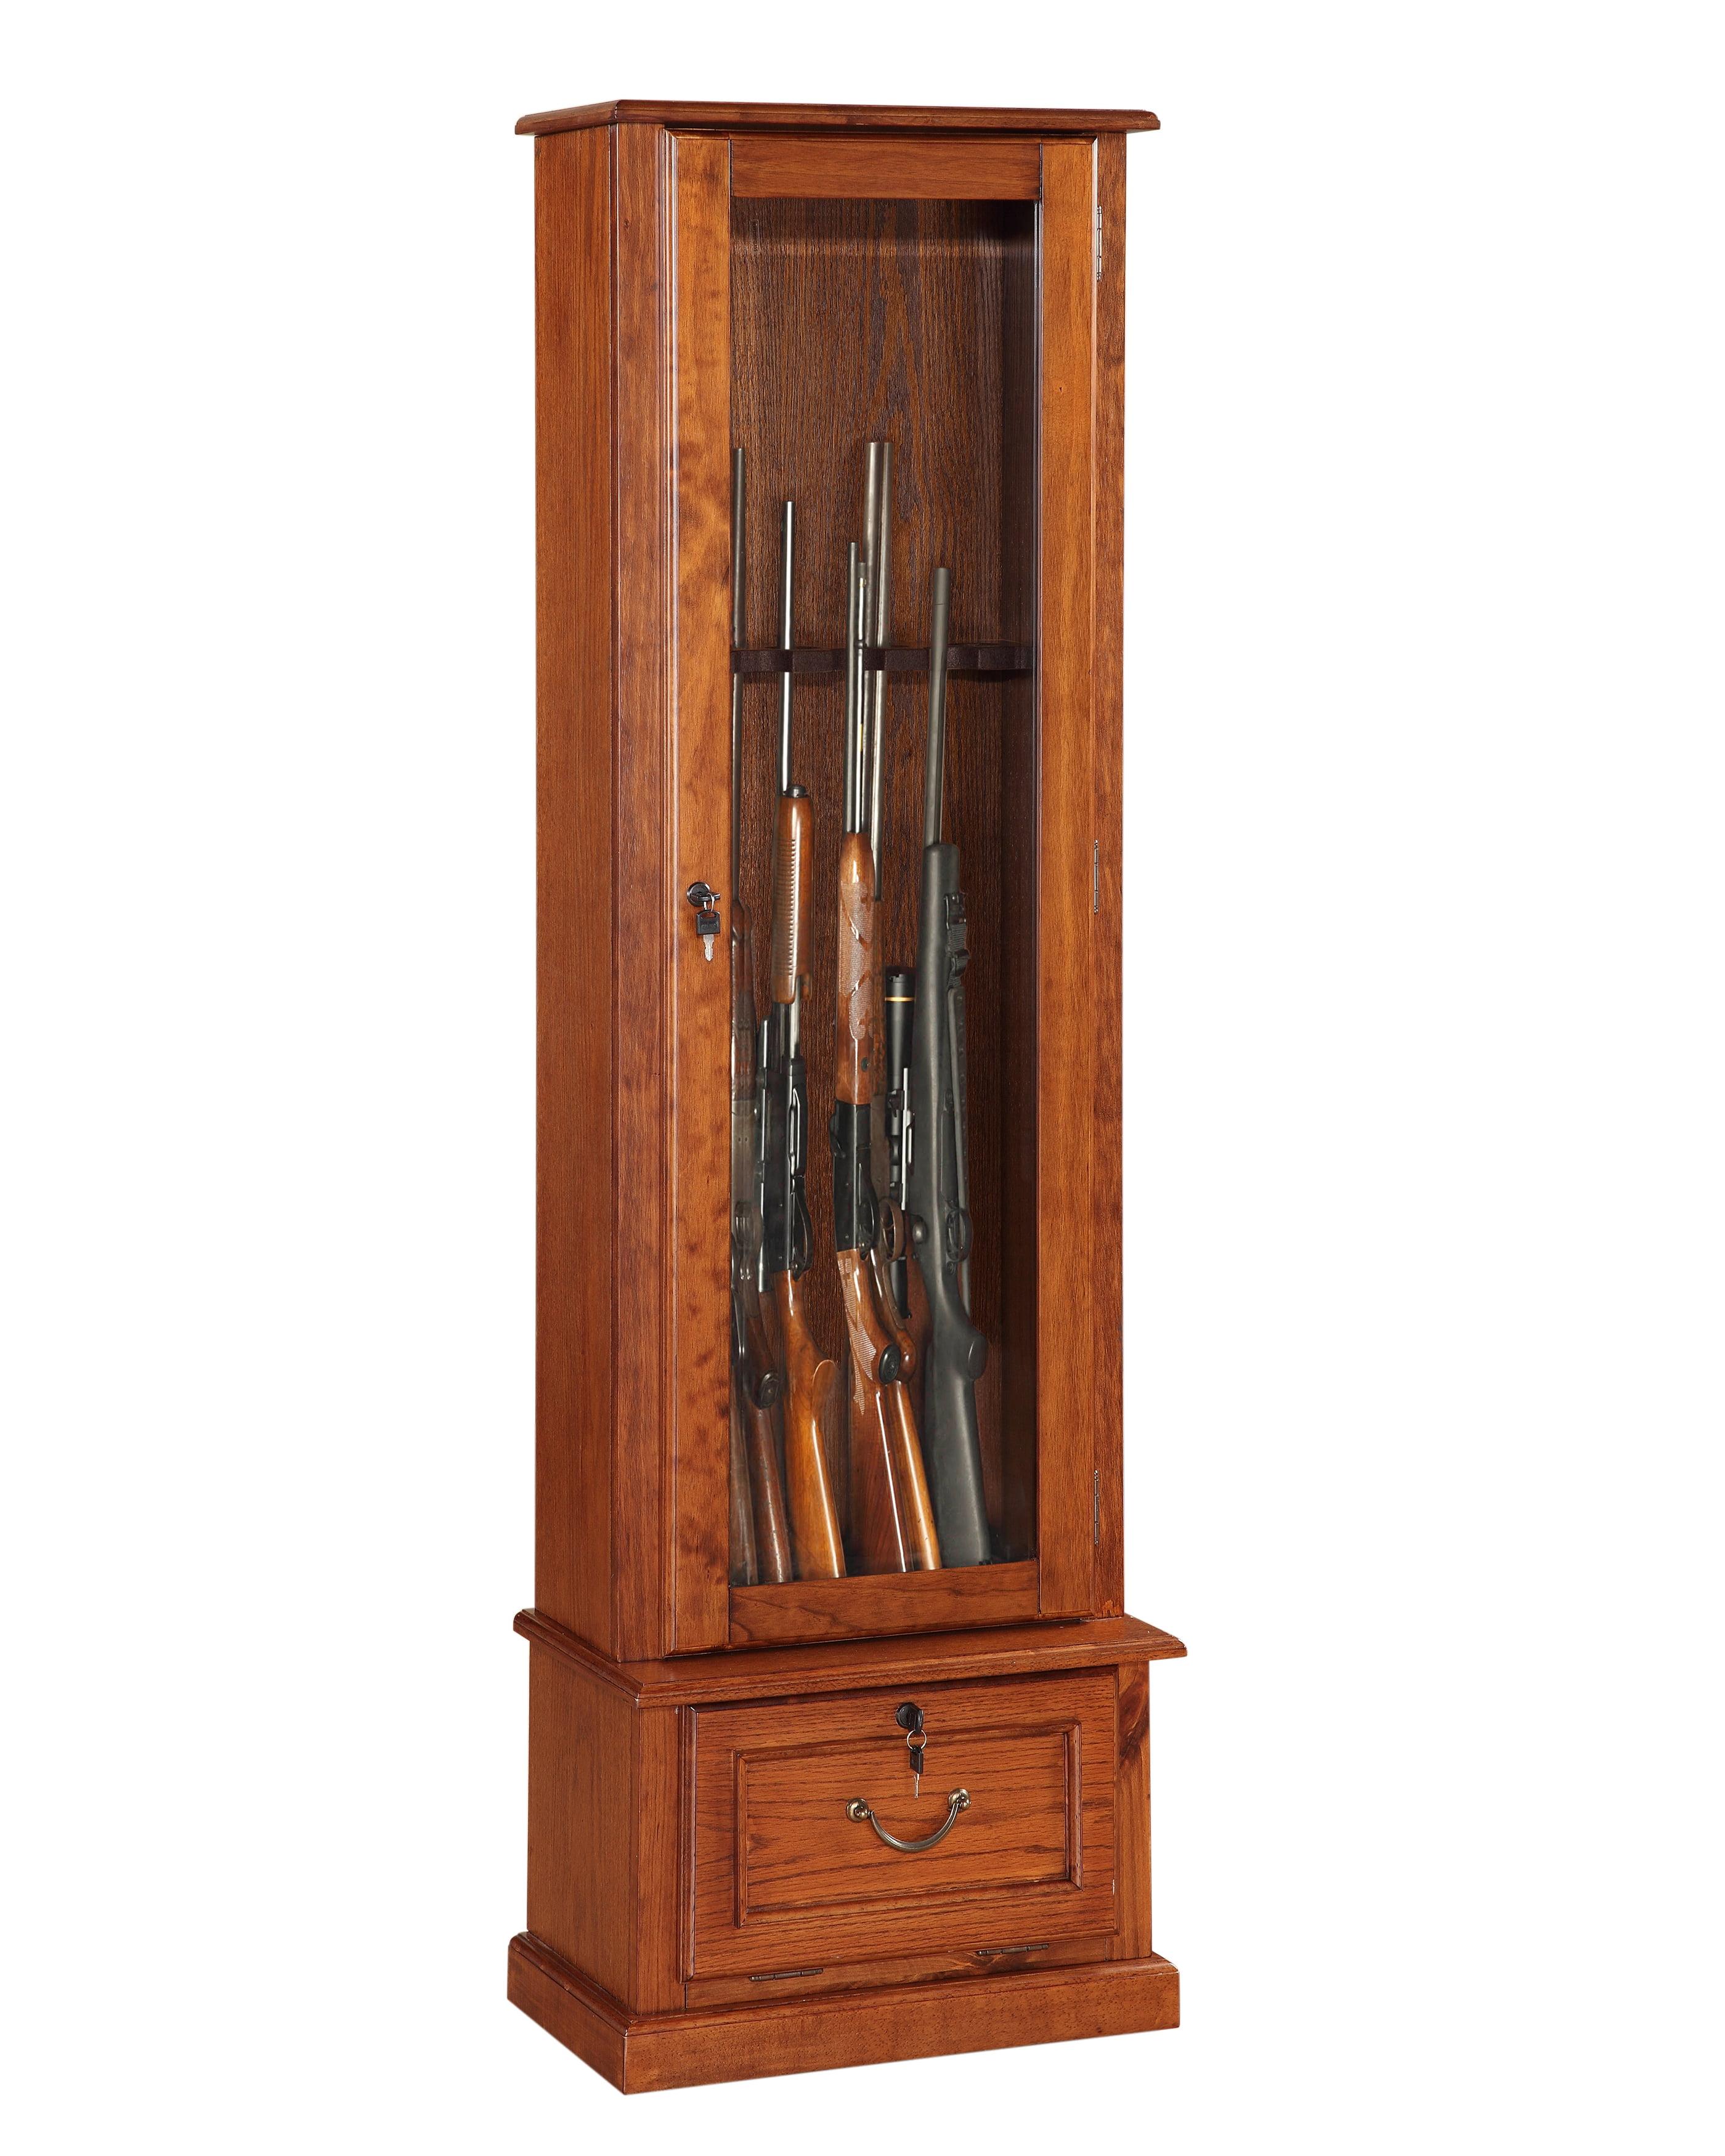 American Furniture Clics 8 Gun